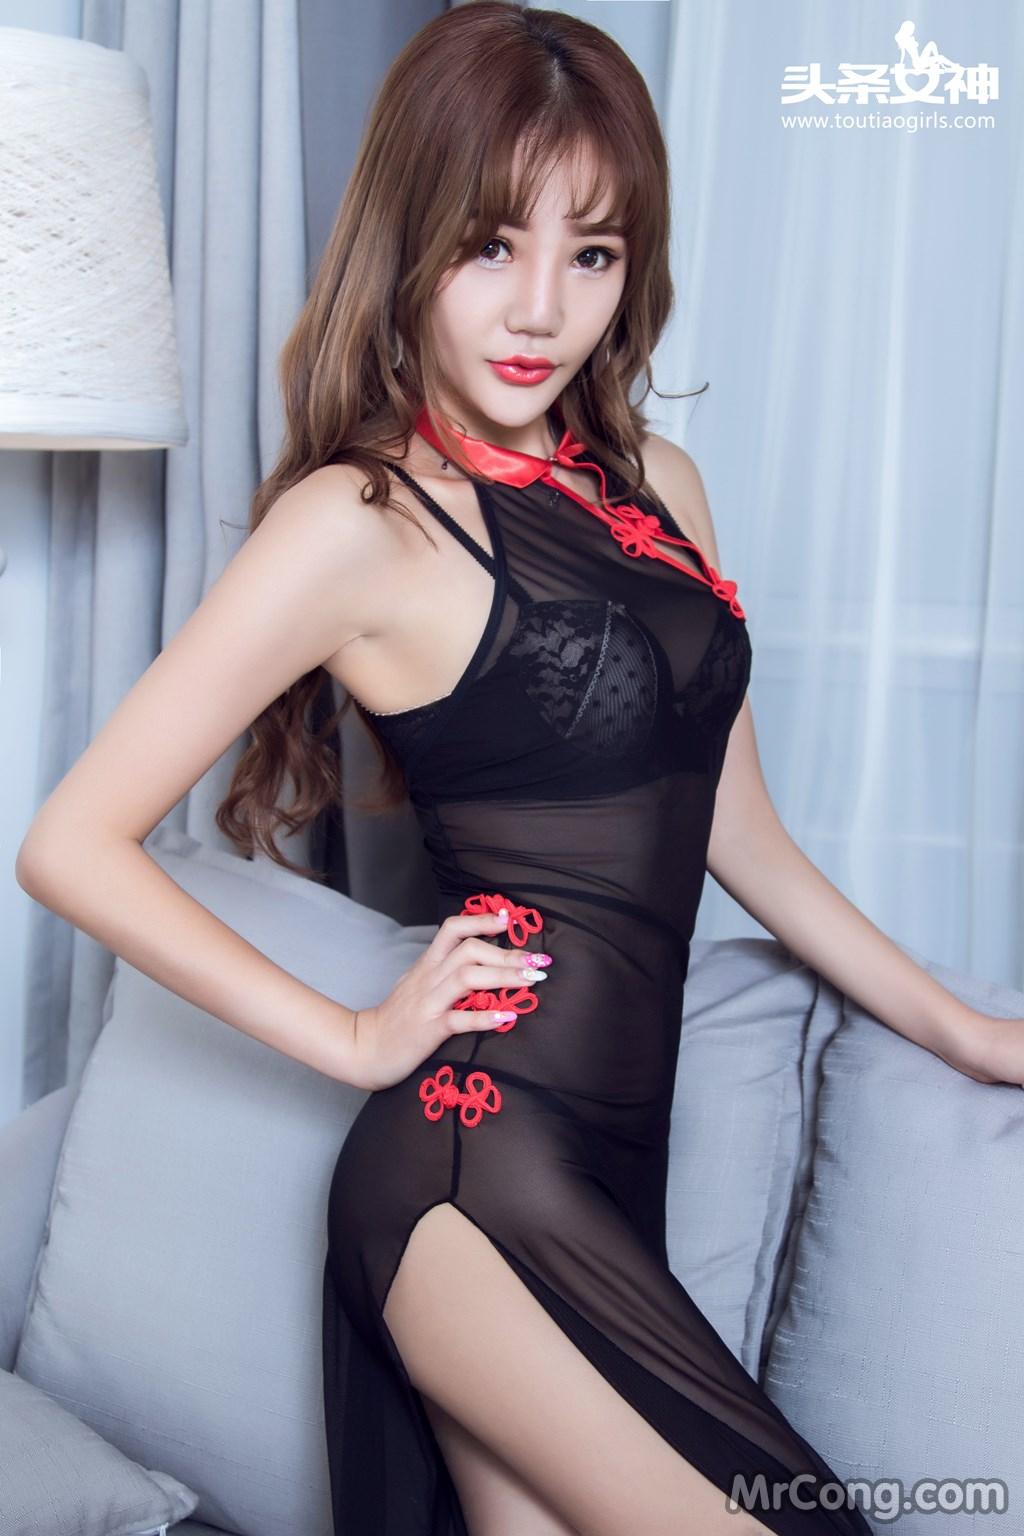 Image MrCong.com-TouTiao-2016-12-21-Ya-Xin-001 in post TouTiao 2016-12-21: Người mẫu Ya Xin (亚鑫) (22 ảnh)